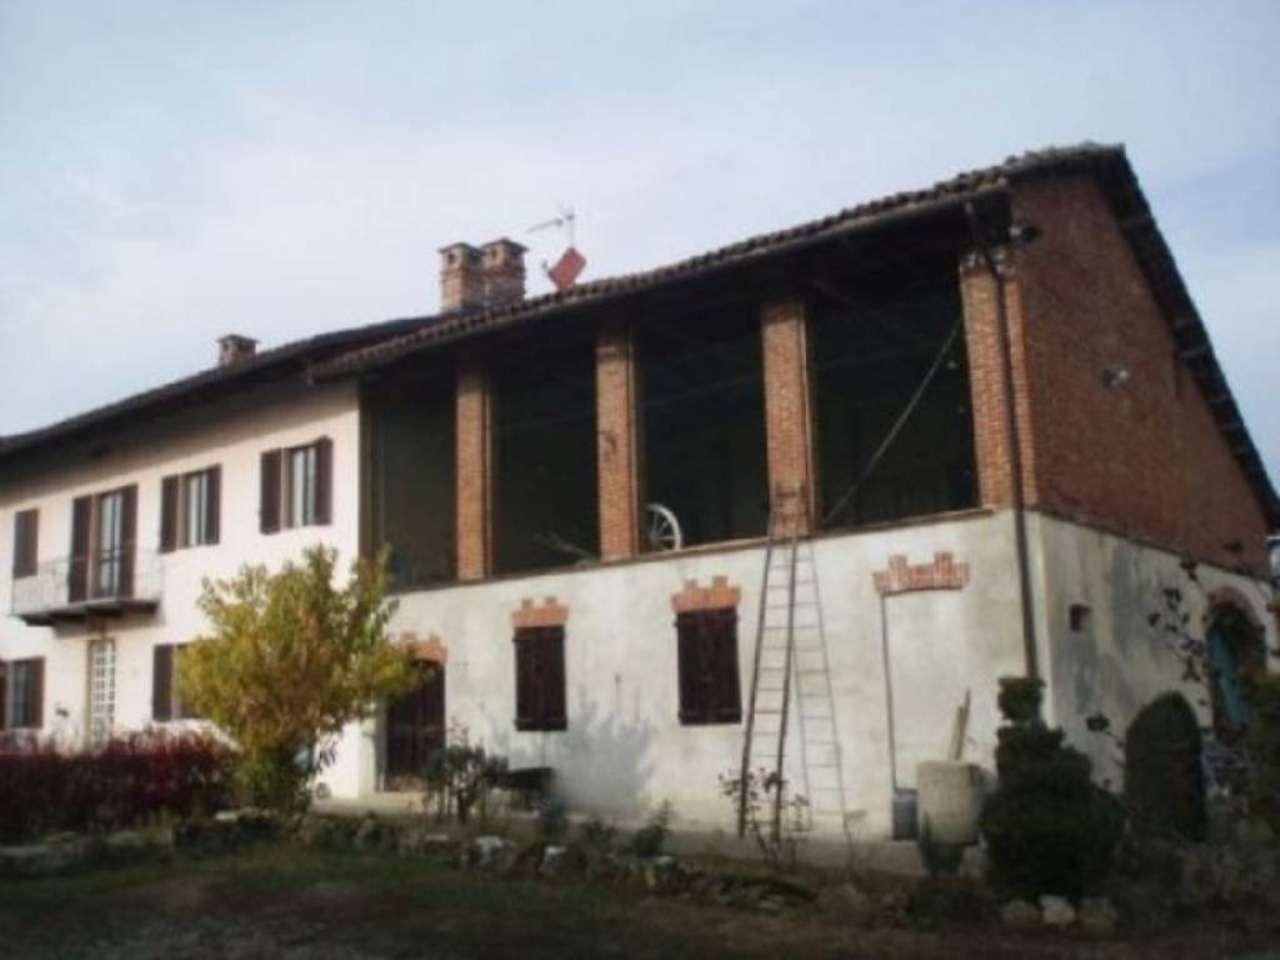 Rustico / Casale in vendita a Passerano Marmorito, 6 locali, prezzo € 390.000 | Cambio Casa.it